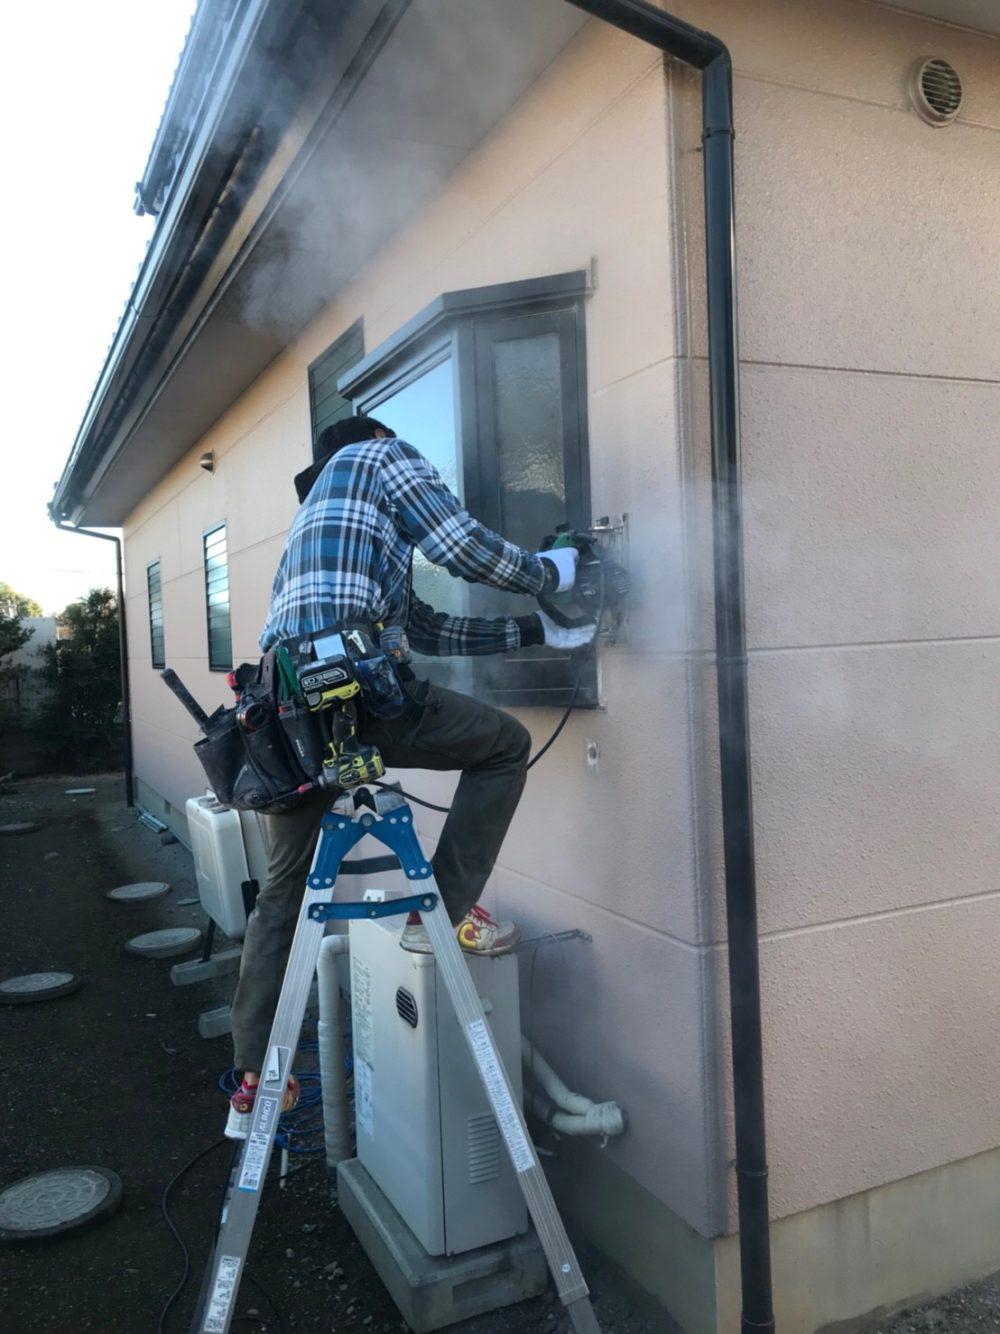 浴室の交換工事と一緒に窓の交換工事を行いました